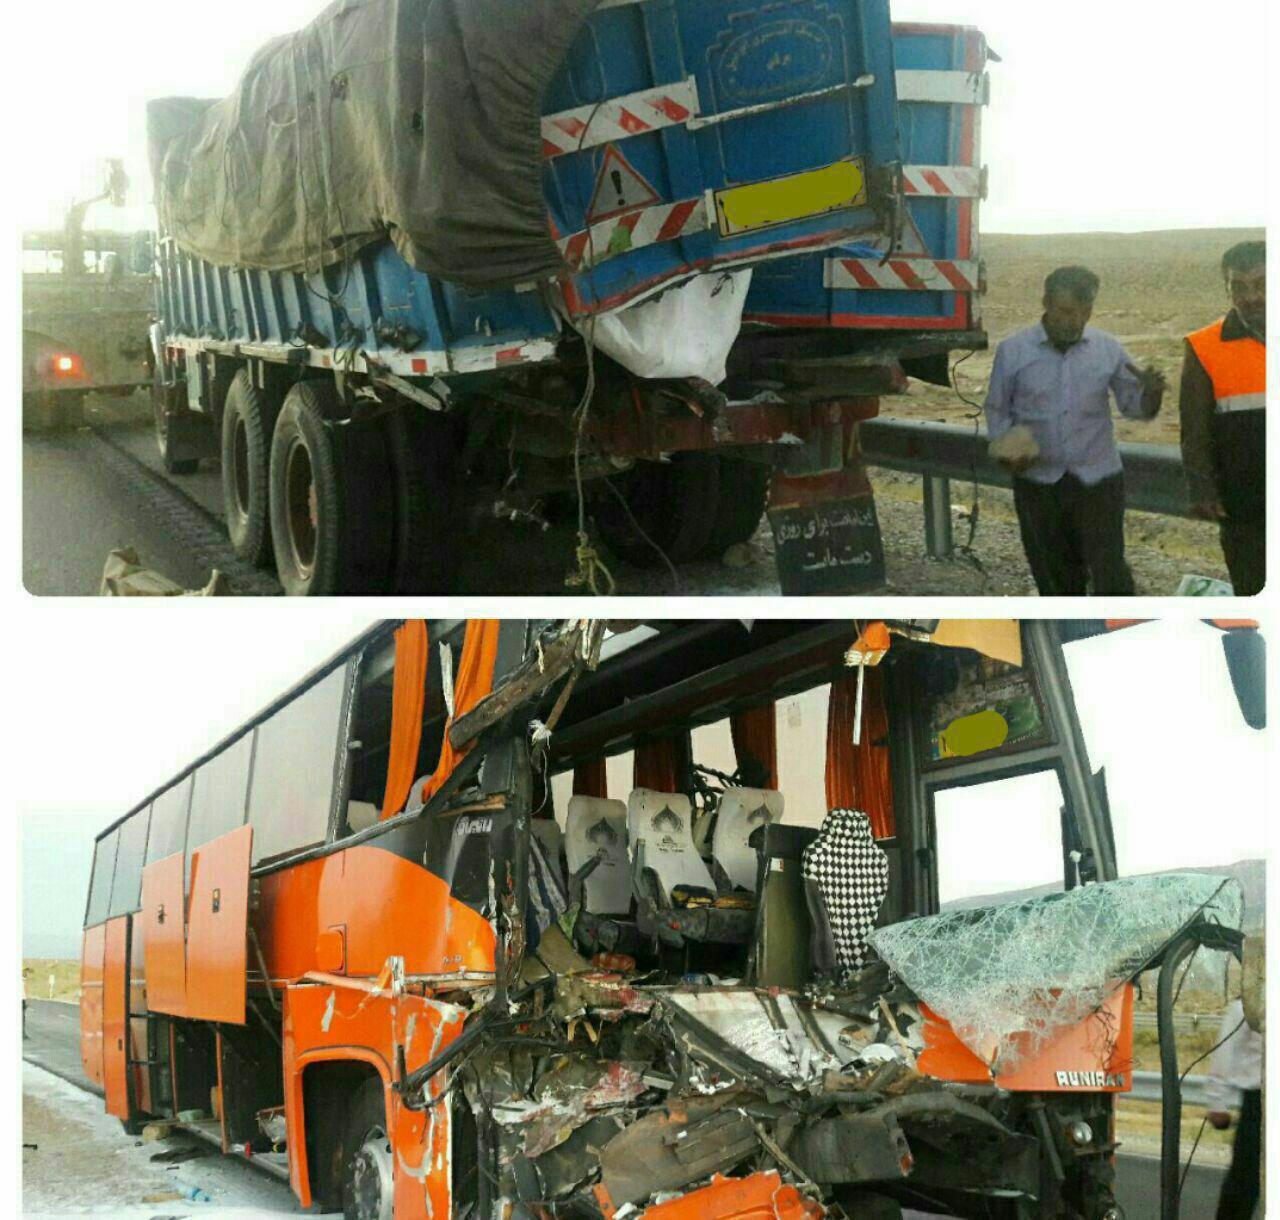 ۳ کشته و ۲۲ مصدوم براثر تصادف کامیون با اتوبوس در جاده جنگل گلستان (+عکس)